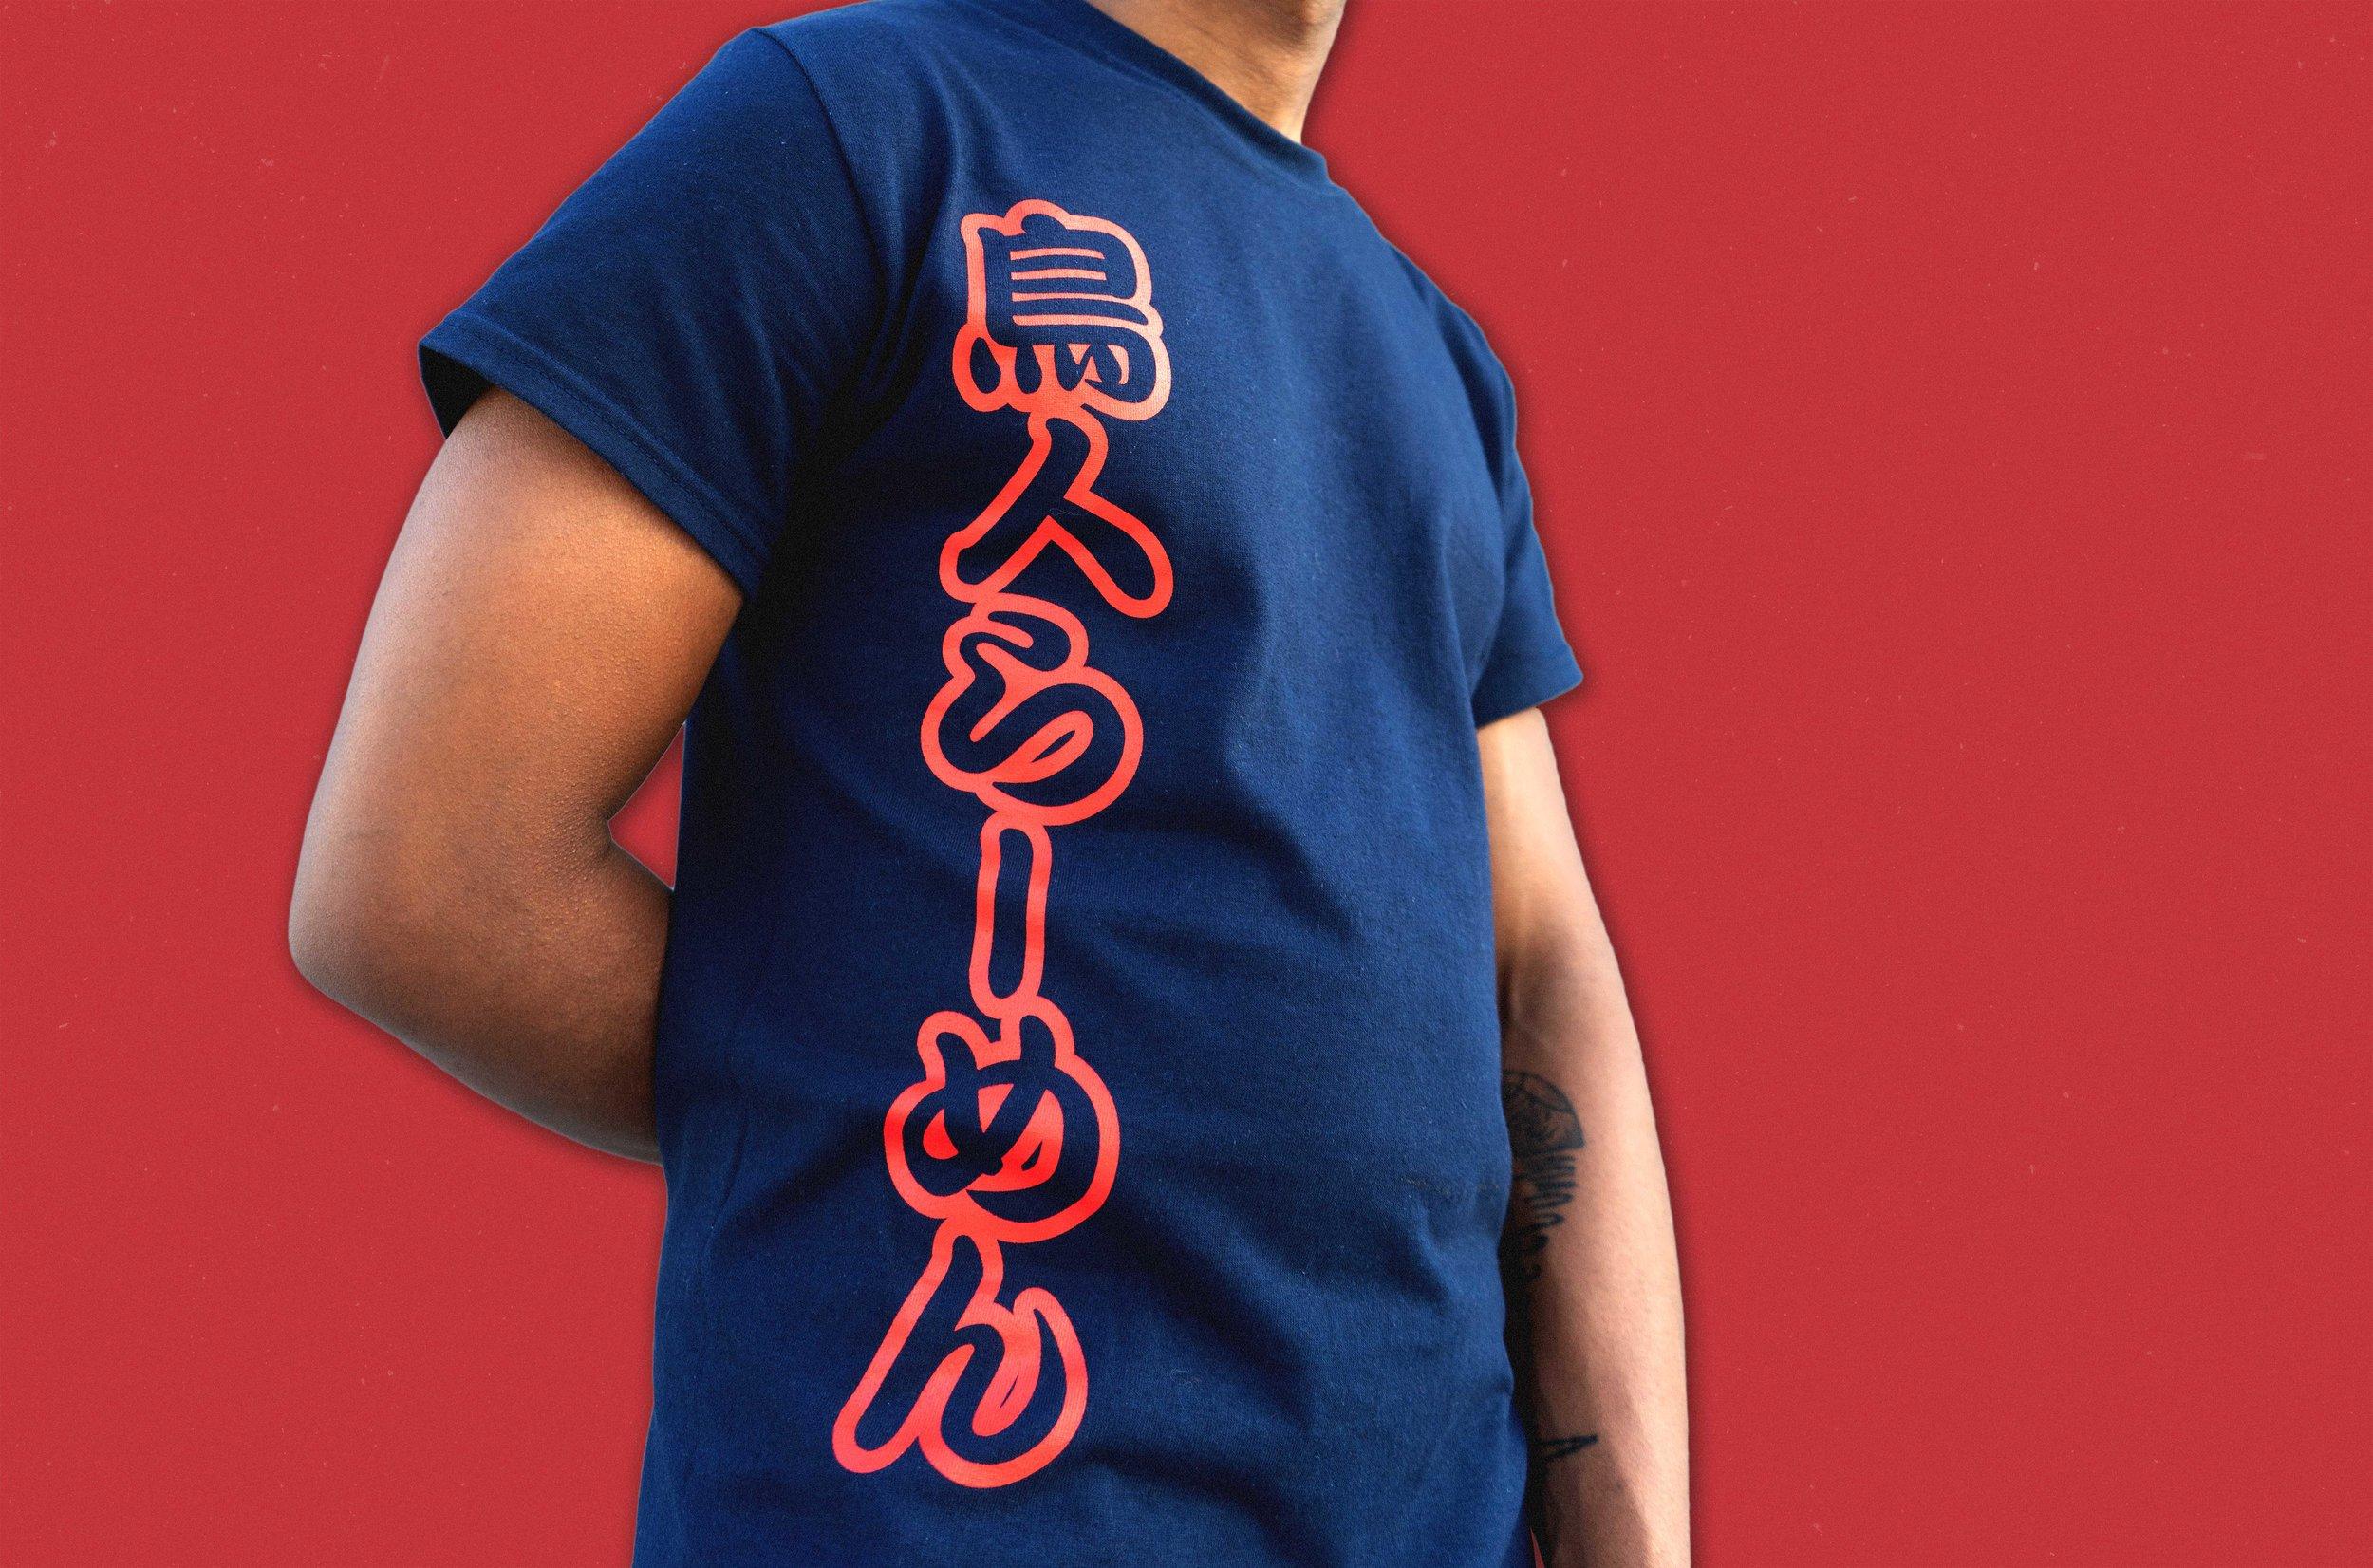 shirt-front.jpg